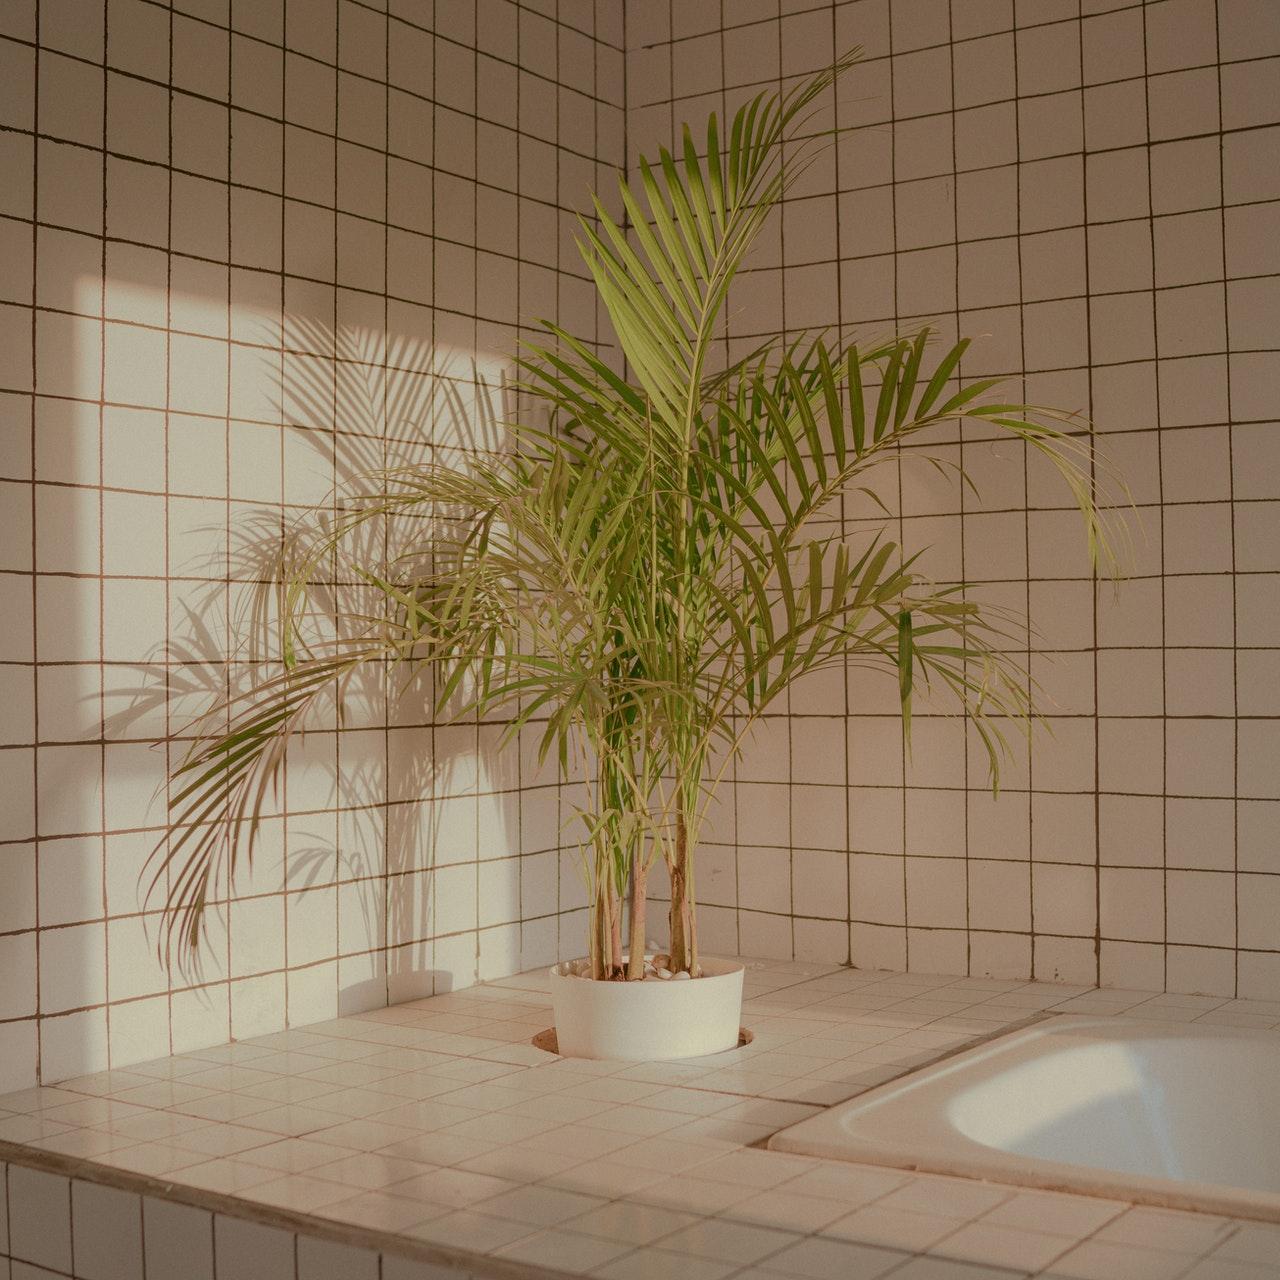 las cualidades anti moho las hacen perfectas para habitaciones humedas como baños o cocinas